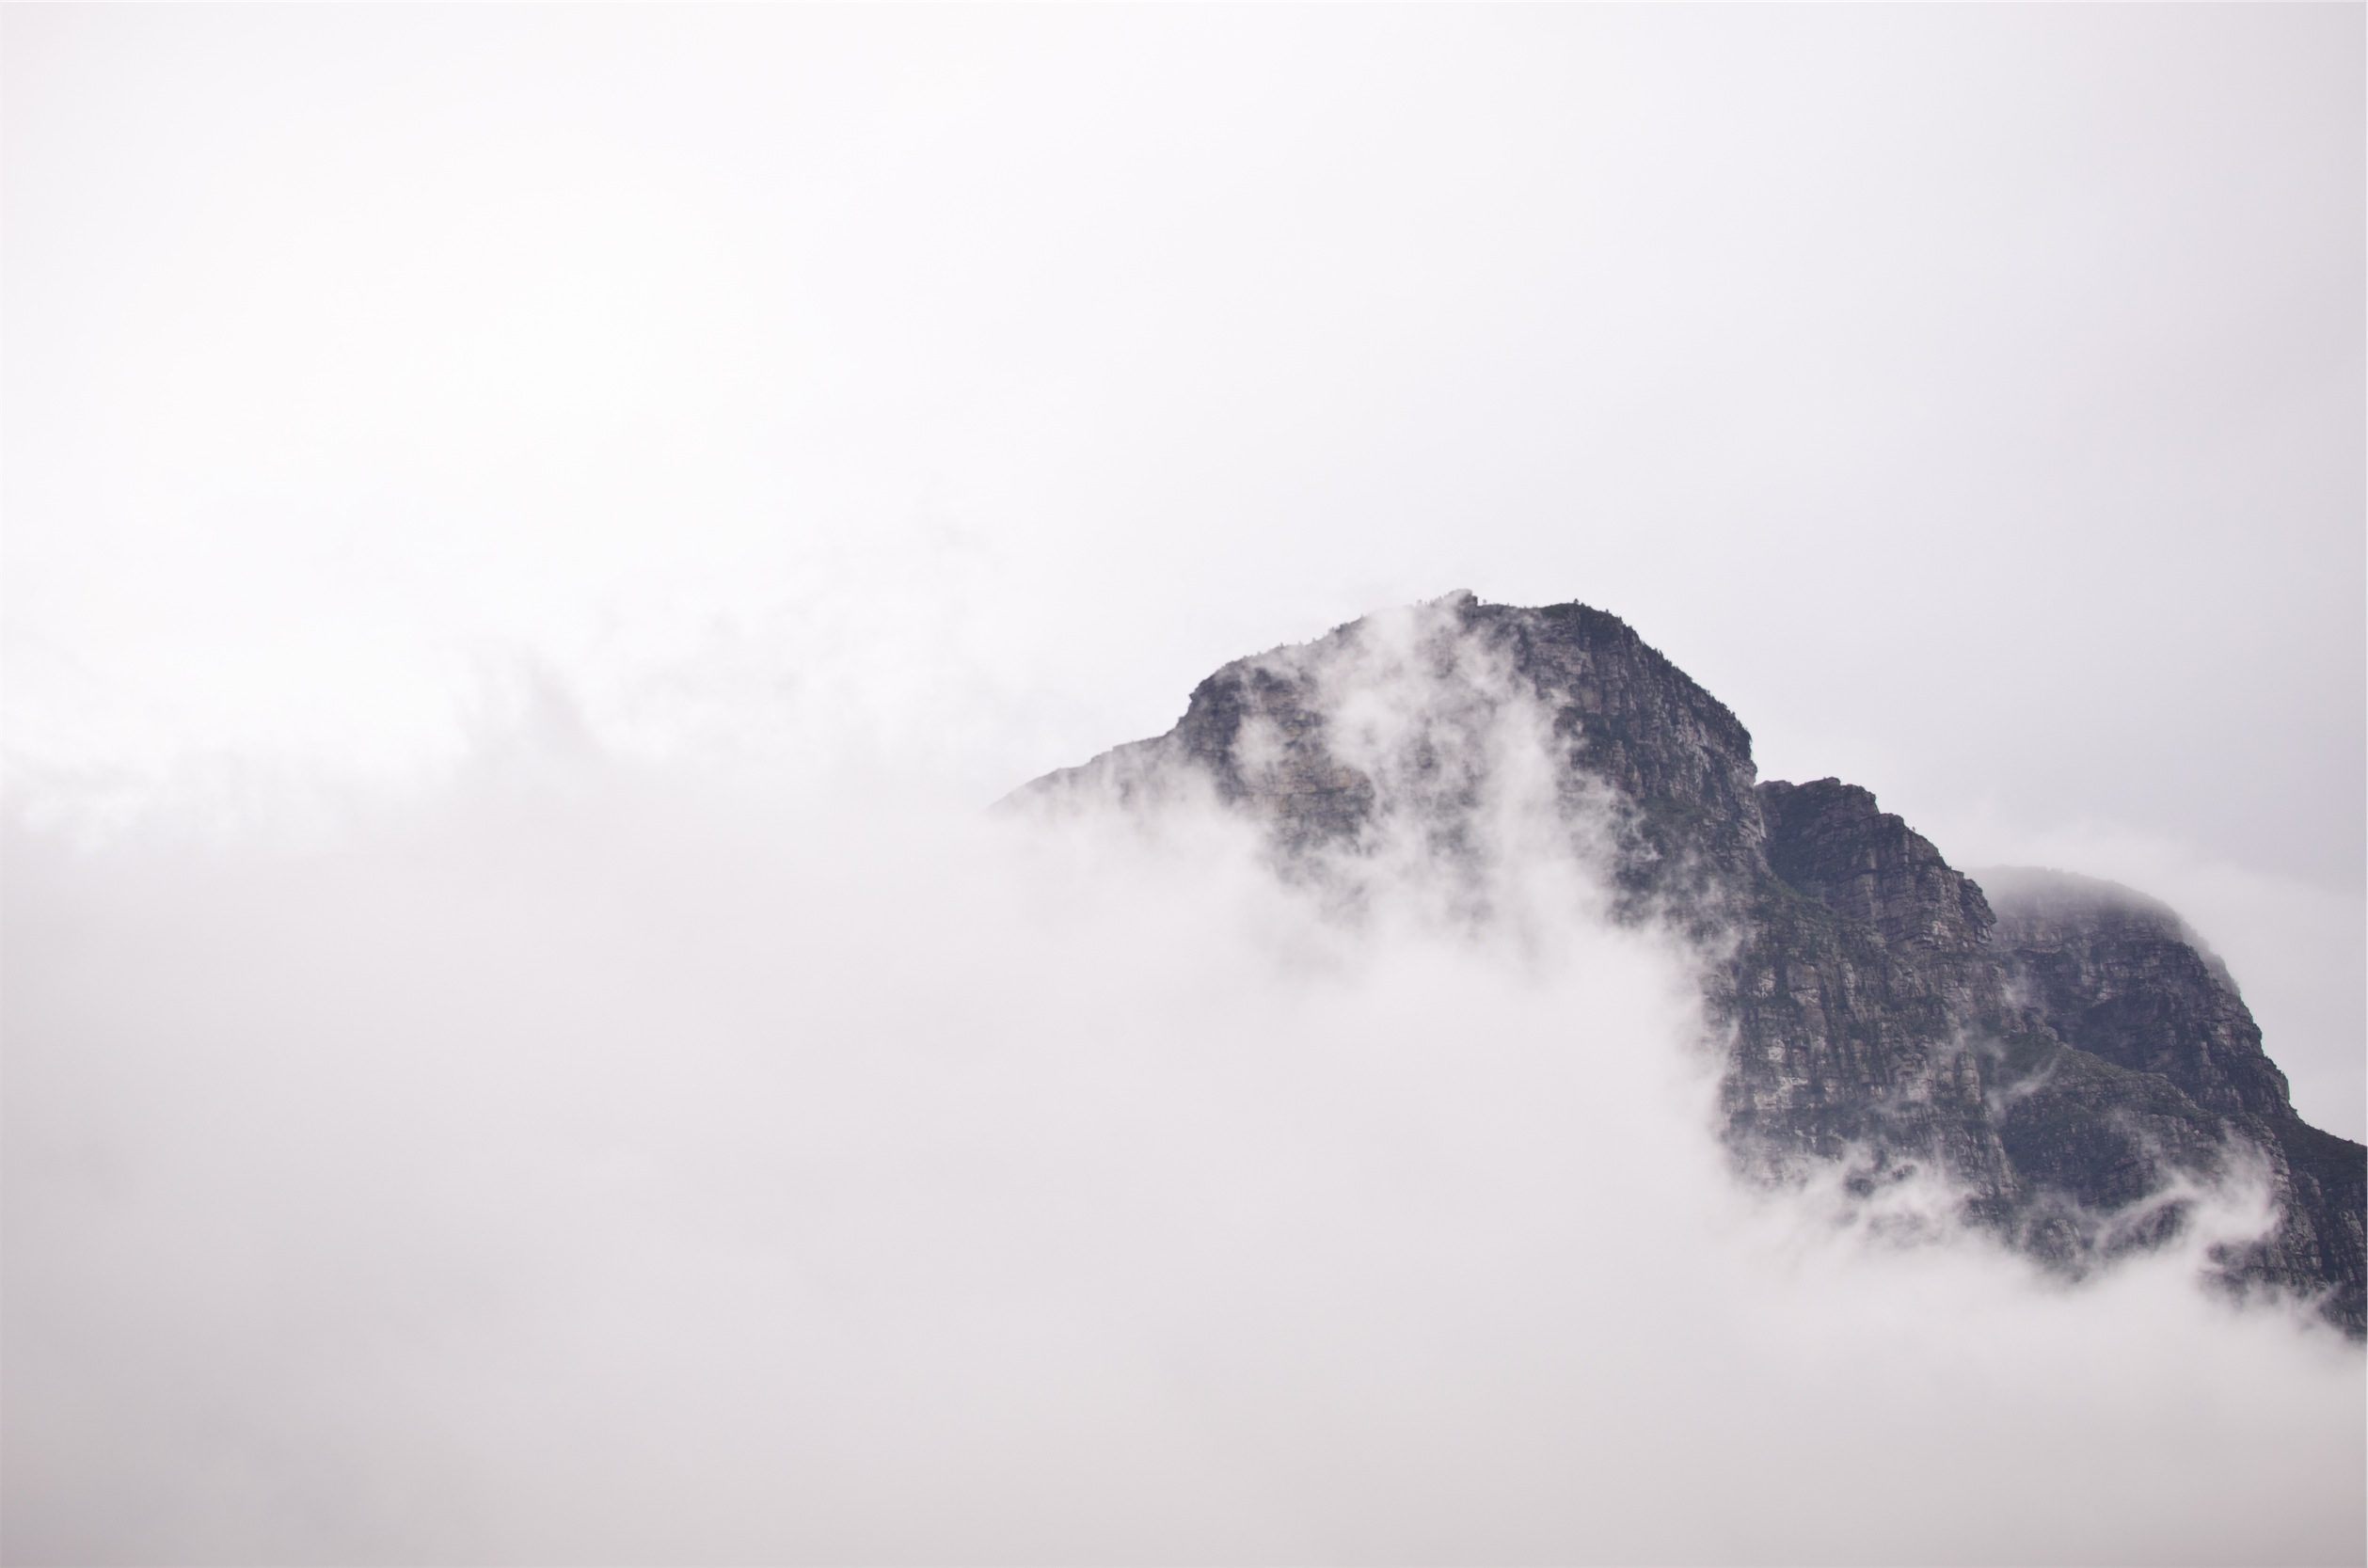 Montanha, pico, Início, nuvens, nevoeiro - Papéis de parede HD - Professor-falken.com